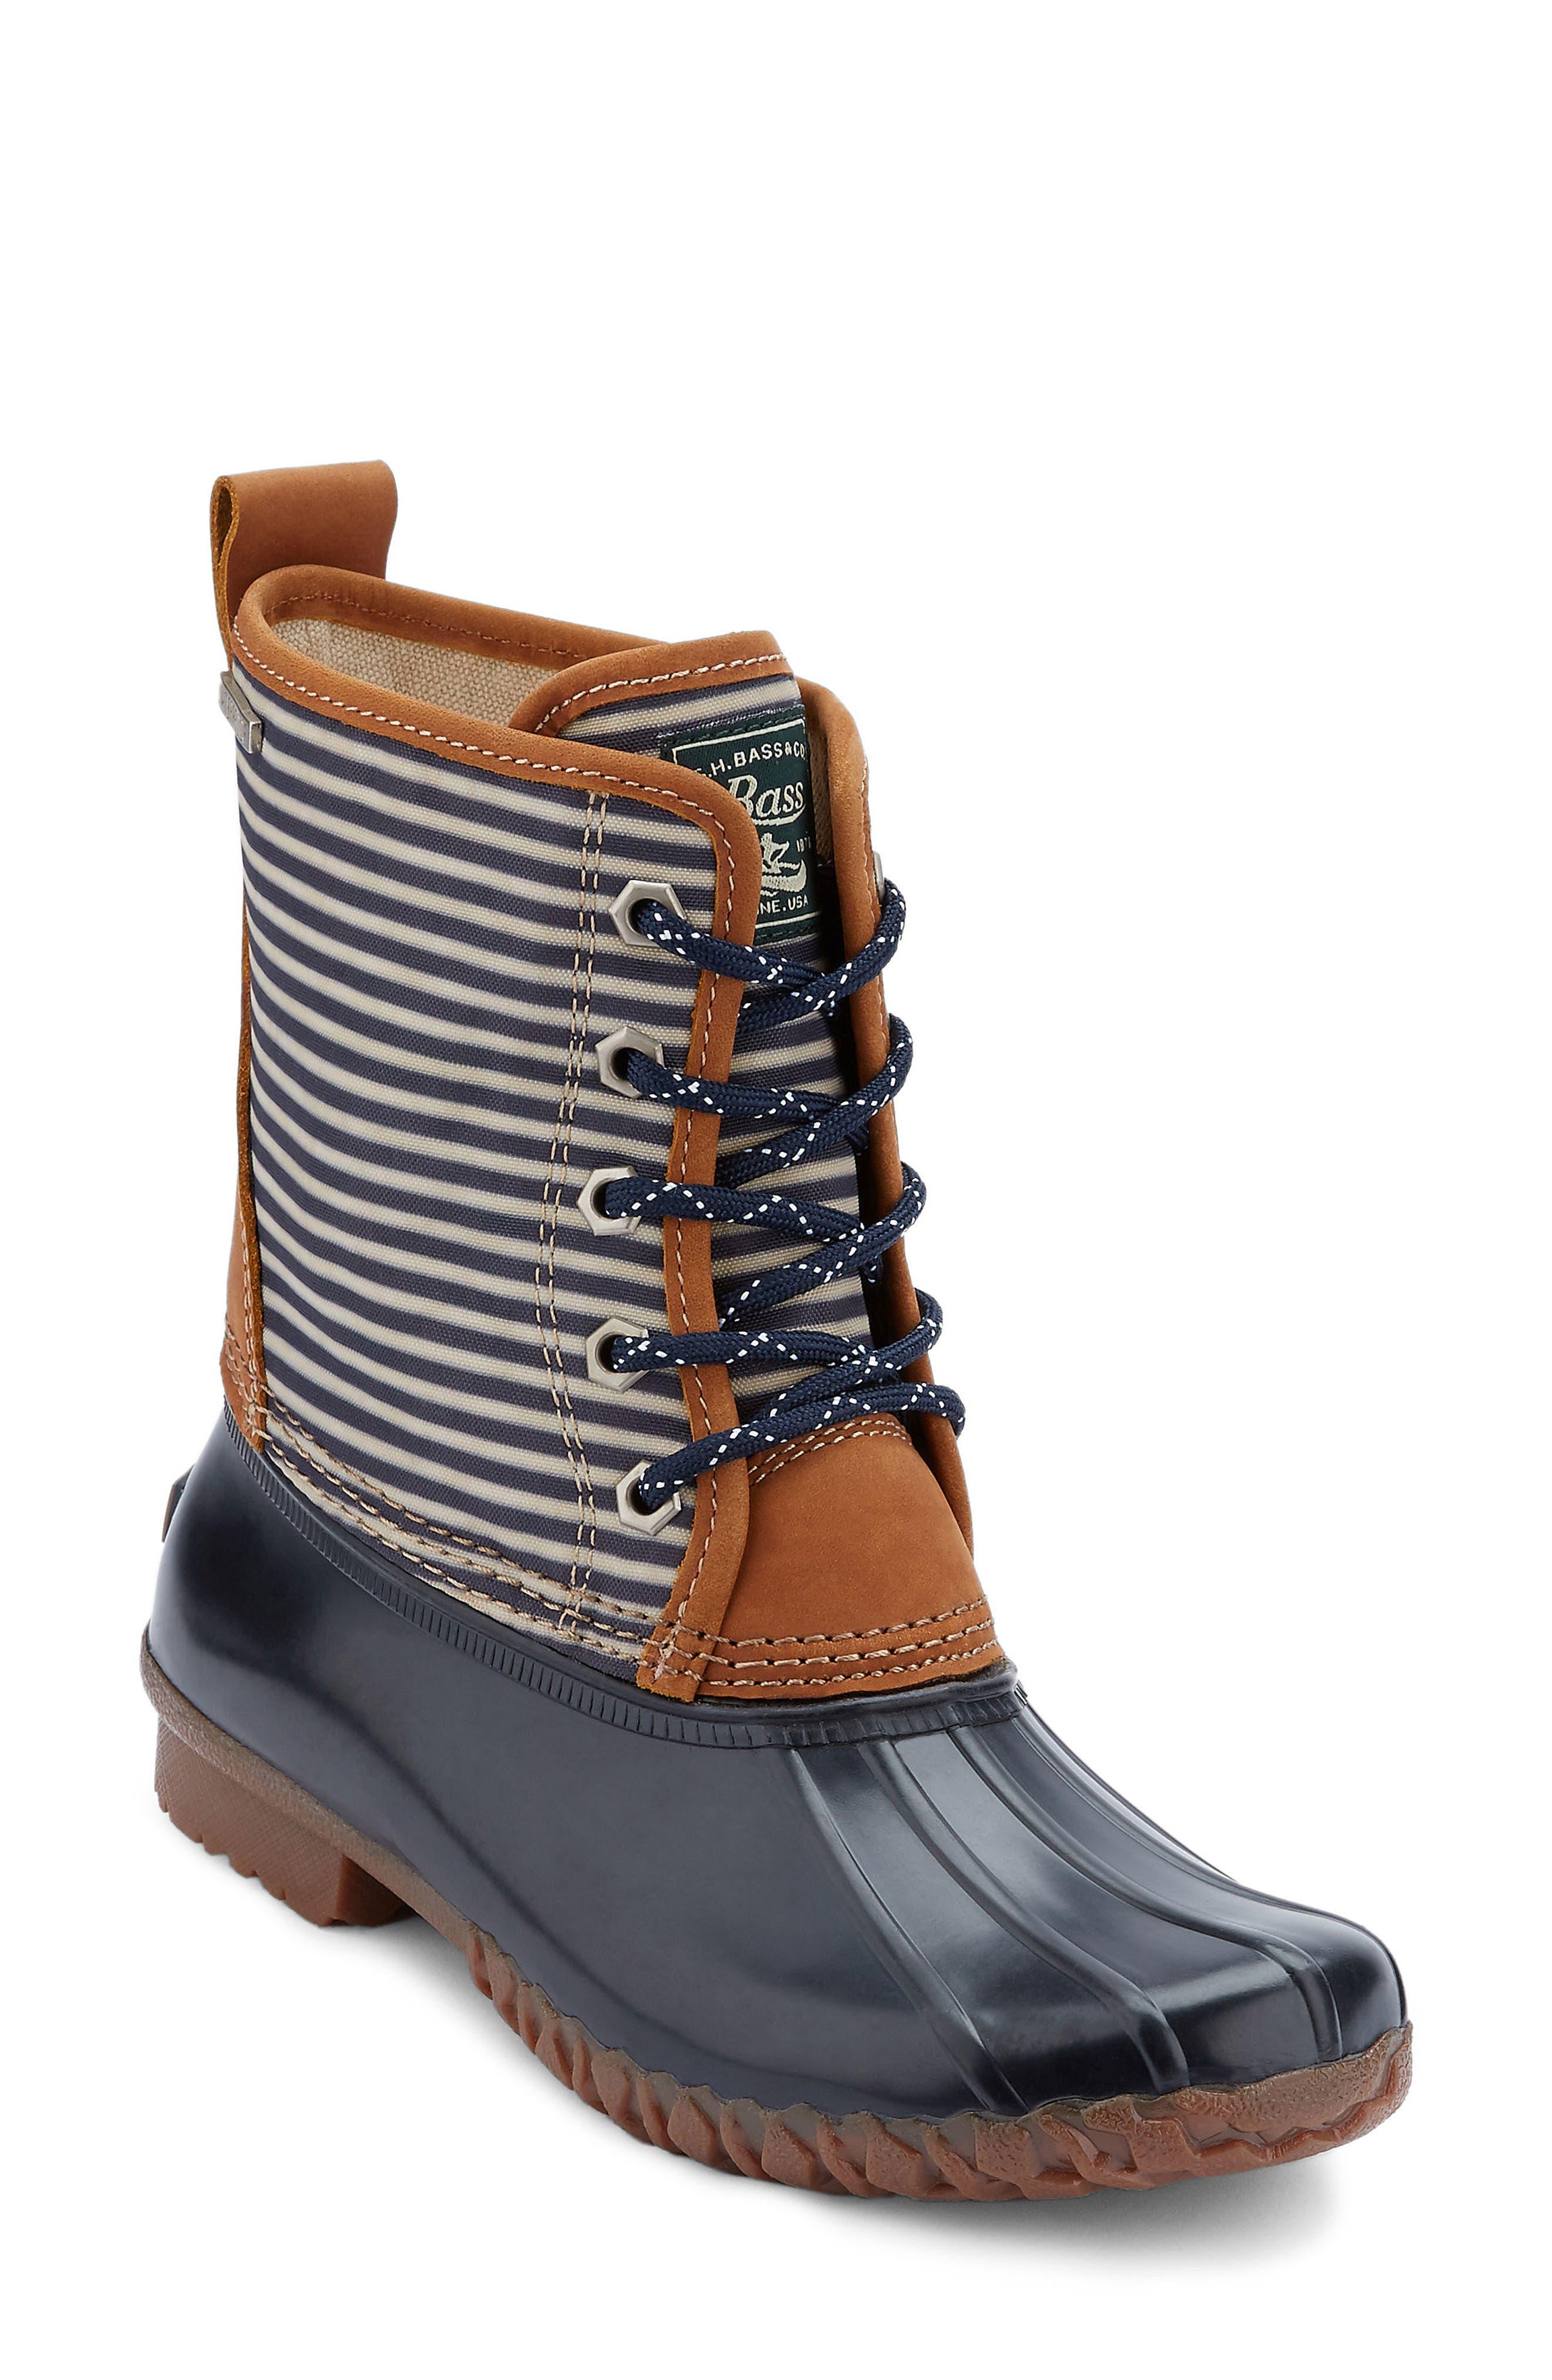 G.H. BASS & CO. Daisy Waterproof Duck Boot